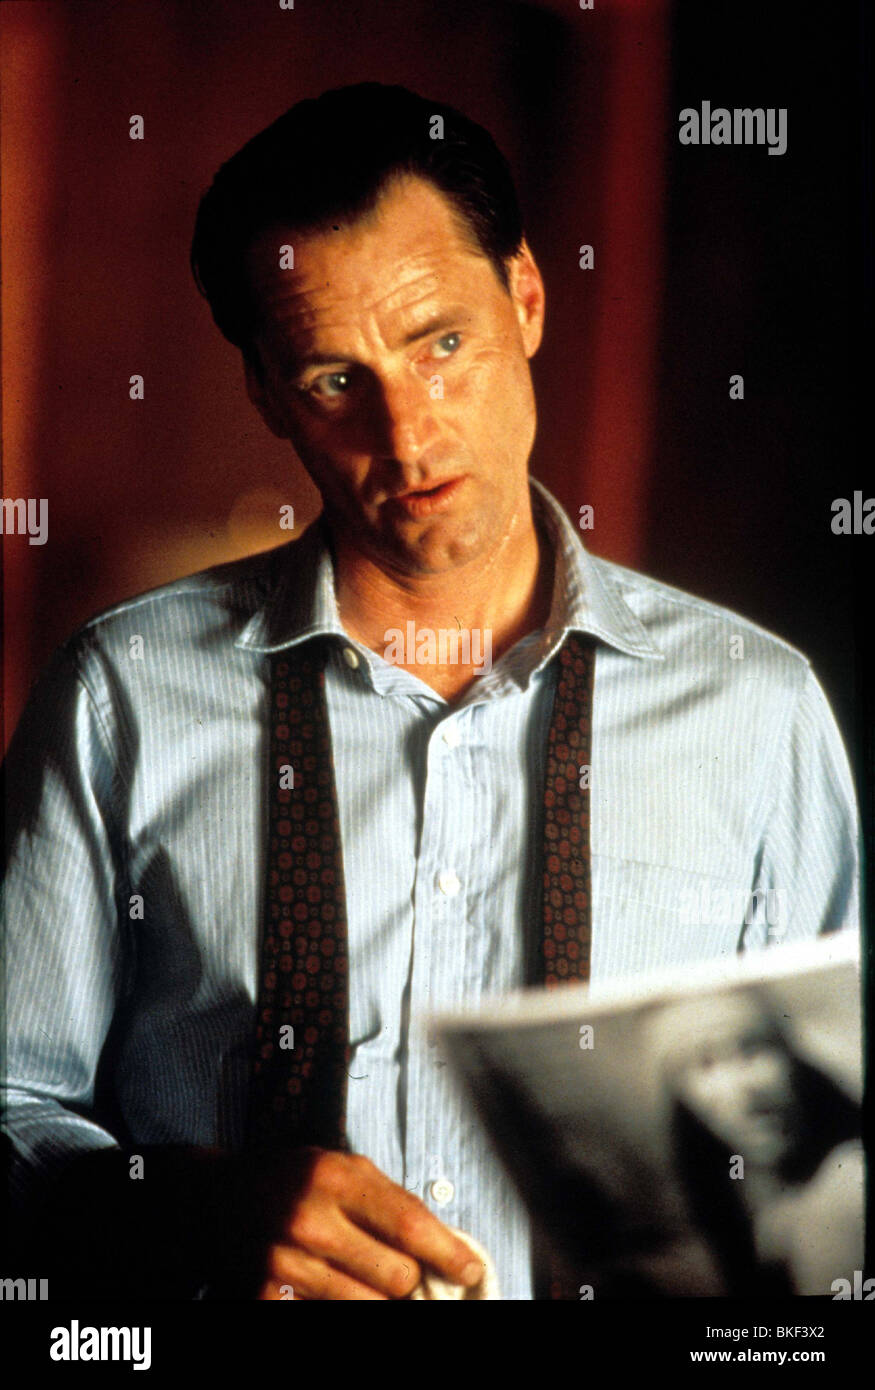 THUNDERHEART -1992 SAM SHEPARD - Stock Image